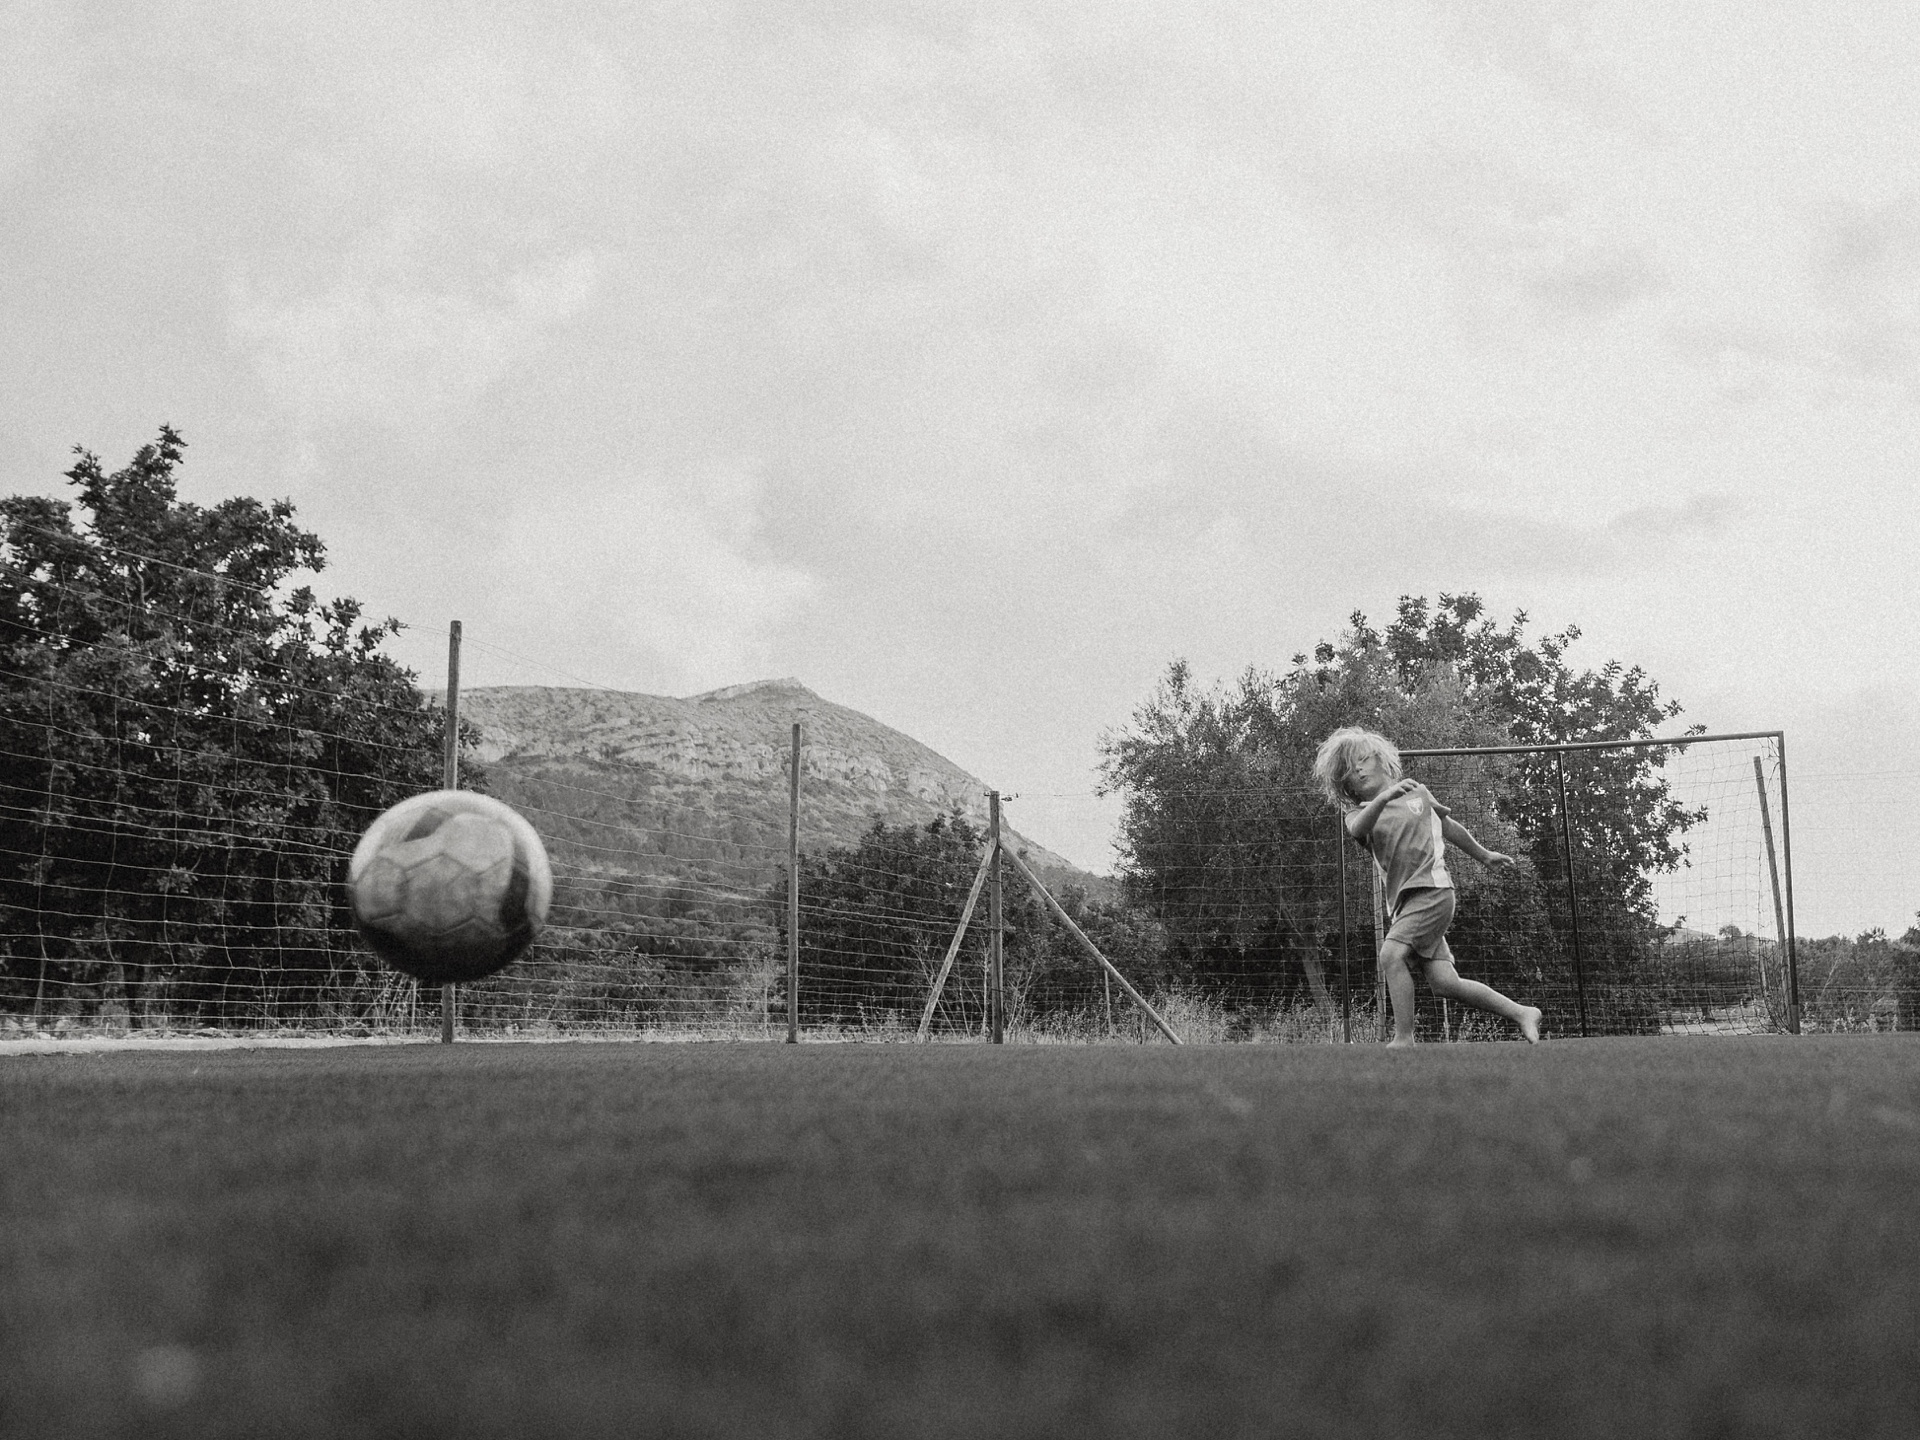 Barefoot Soccer